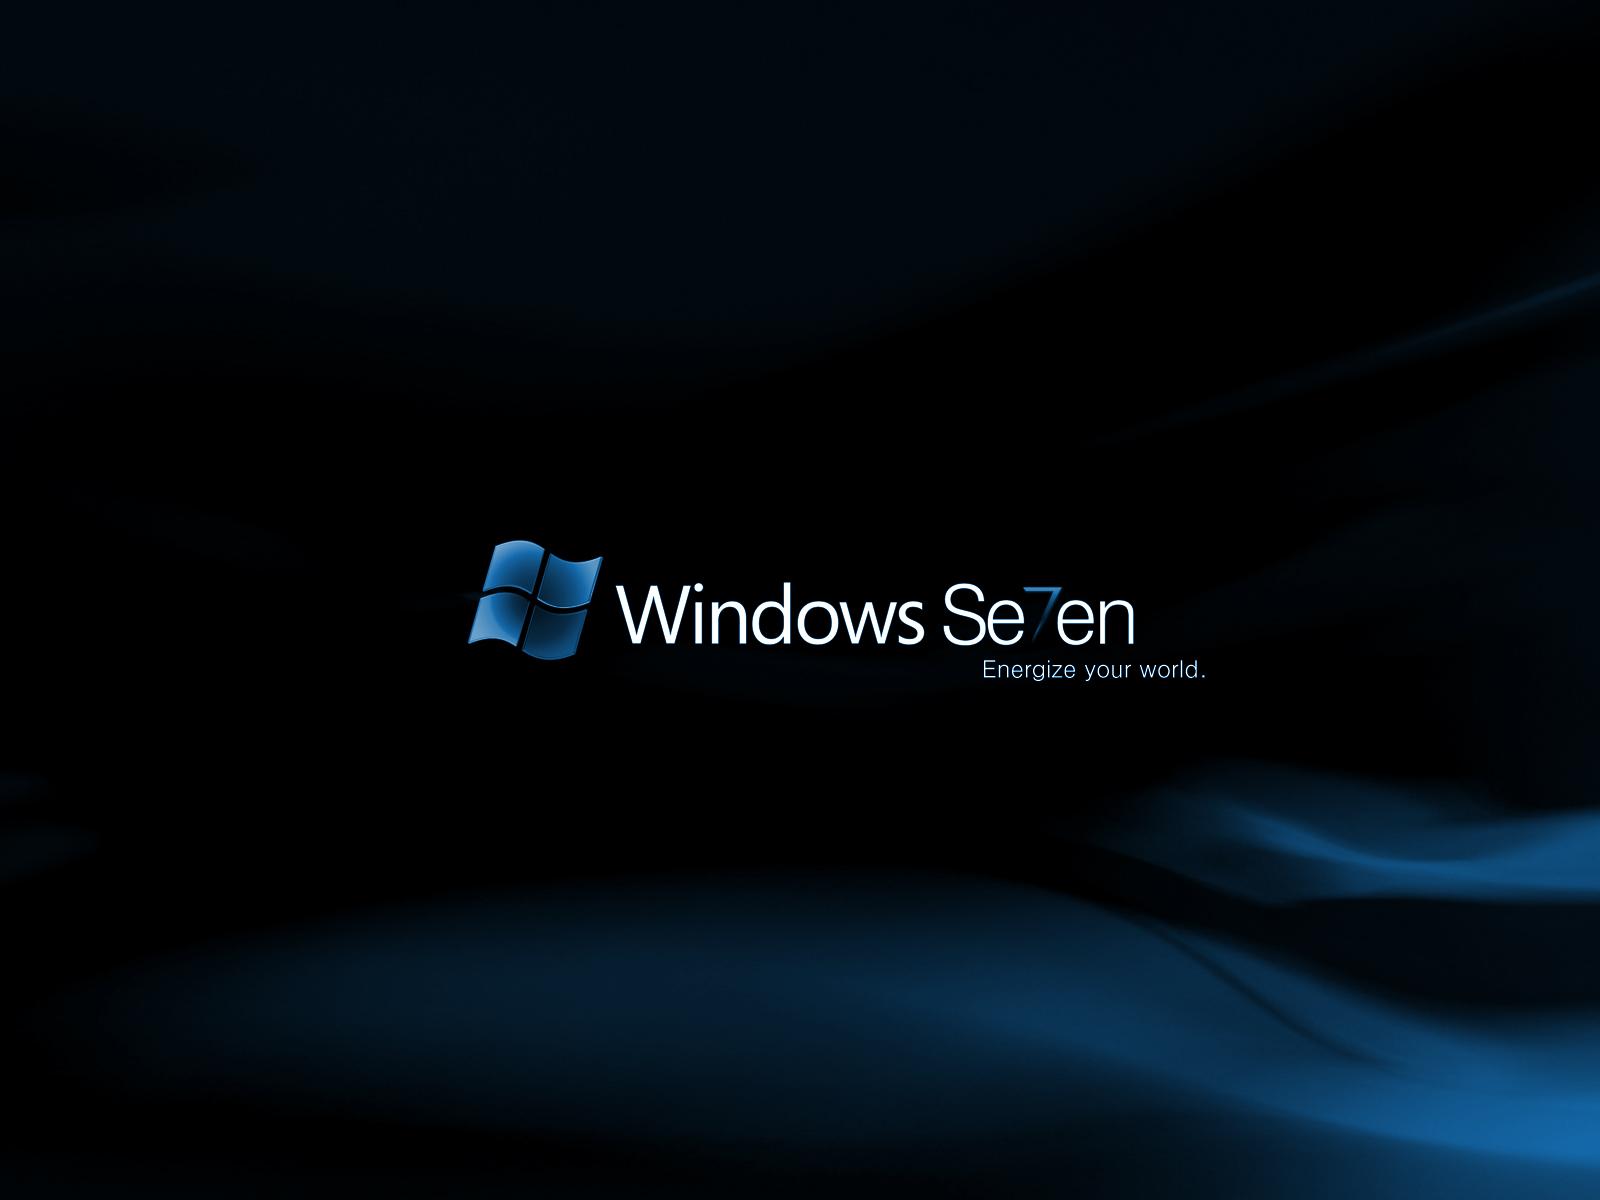 http://1.bp.blogspot.com/-G8BsJPMoiDE/TiIluP4FDAI/AAAAAAAAABs/V0cFnXX7-2c/s1600/windows-7-nocturnal-blue-wallpaper.jpg